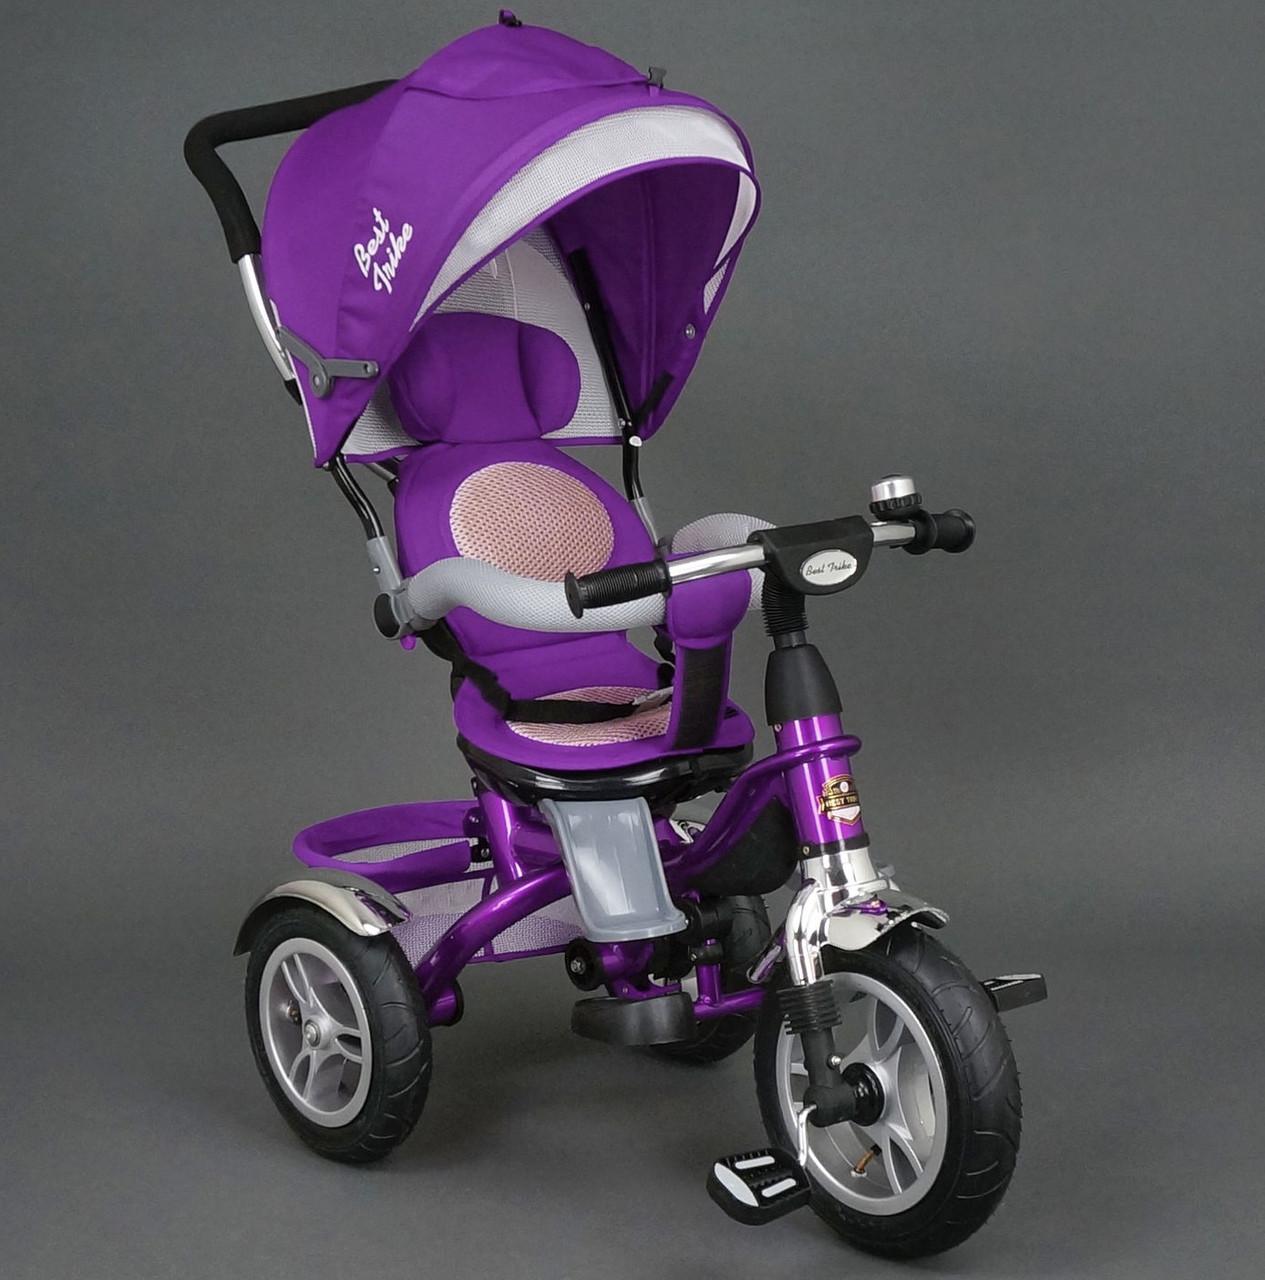 Велосипед 3-х колёсный 5688 Best Trike фиолетовый надувное колесо